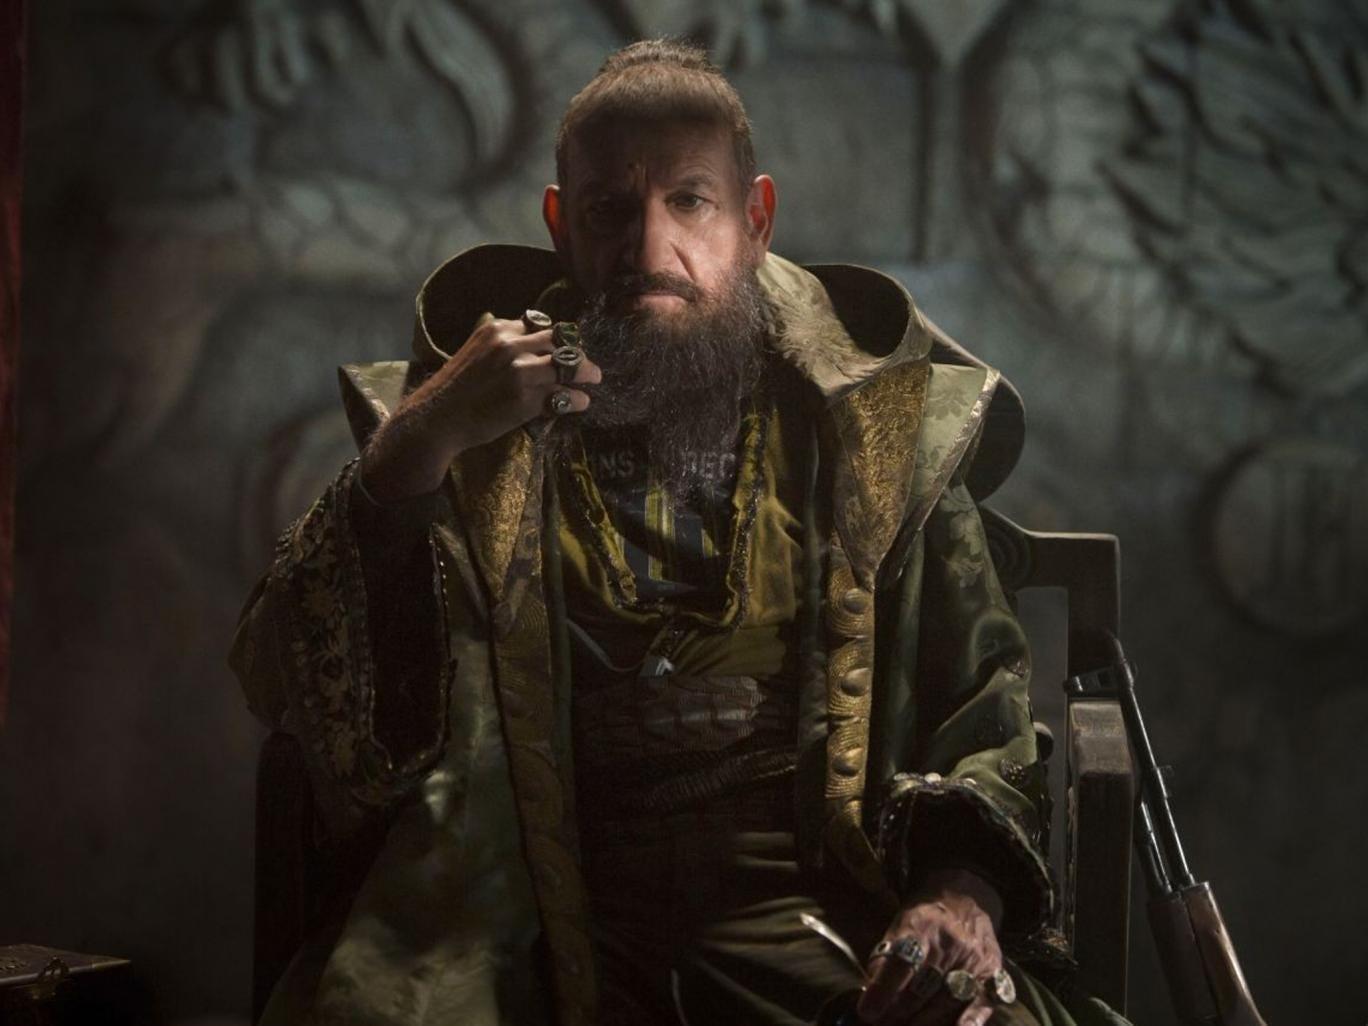 Sir Ben Kingsley in Iron Man 3